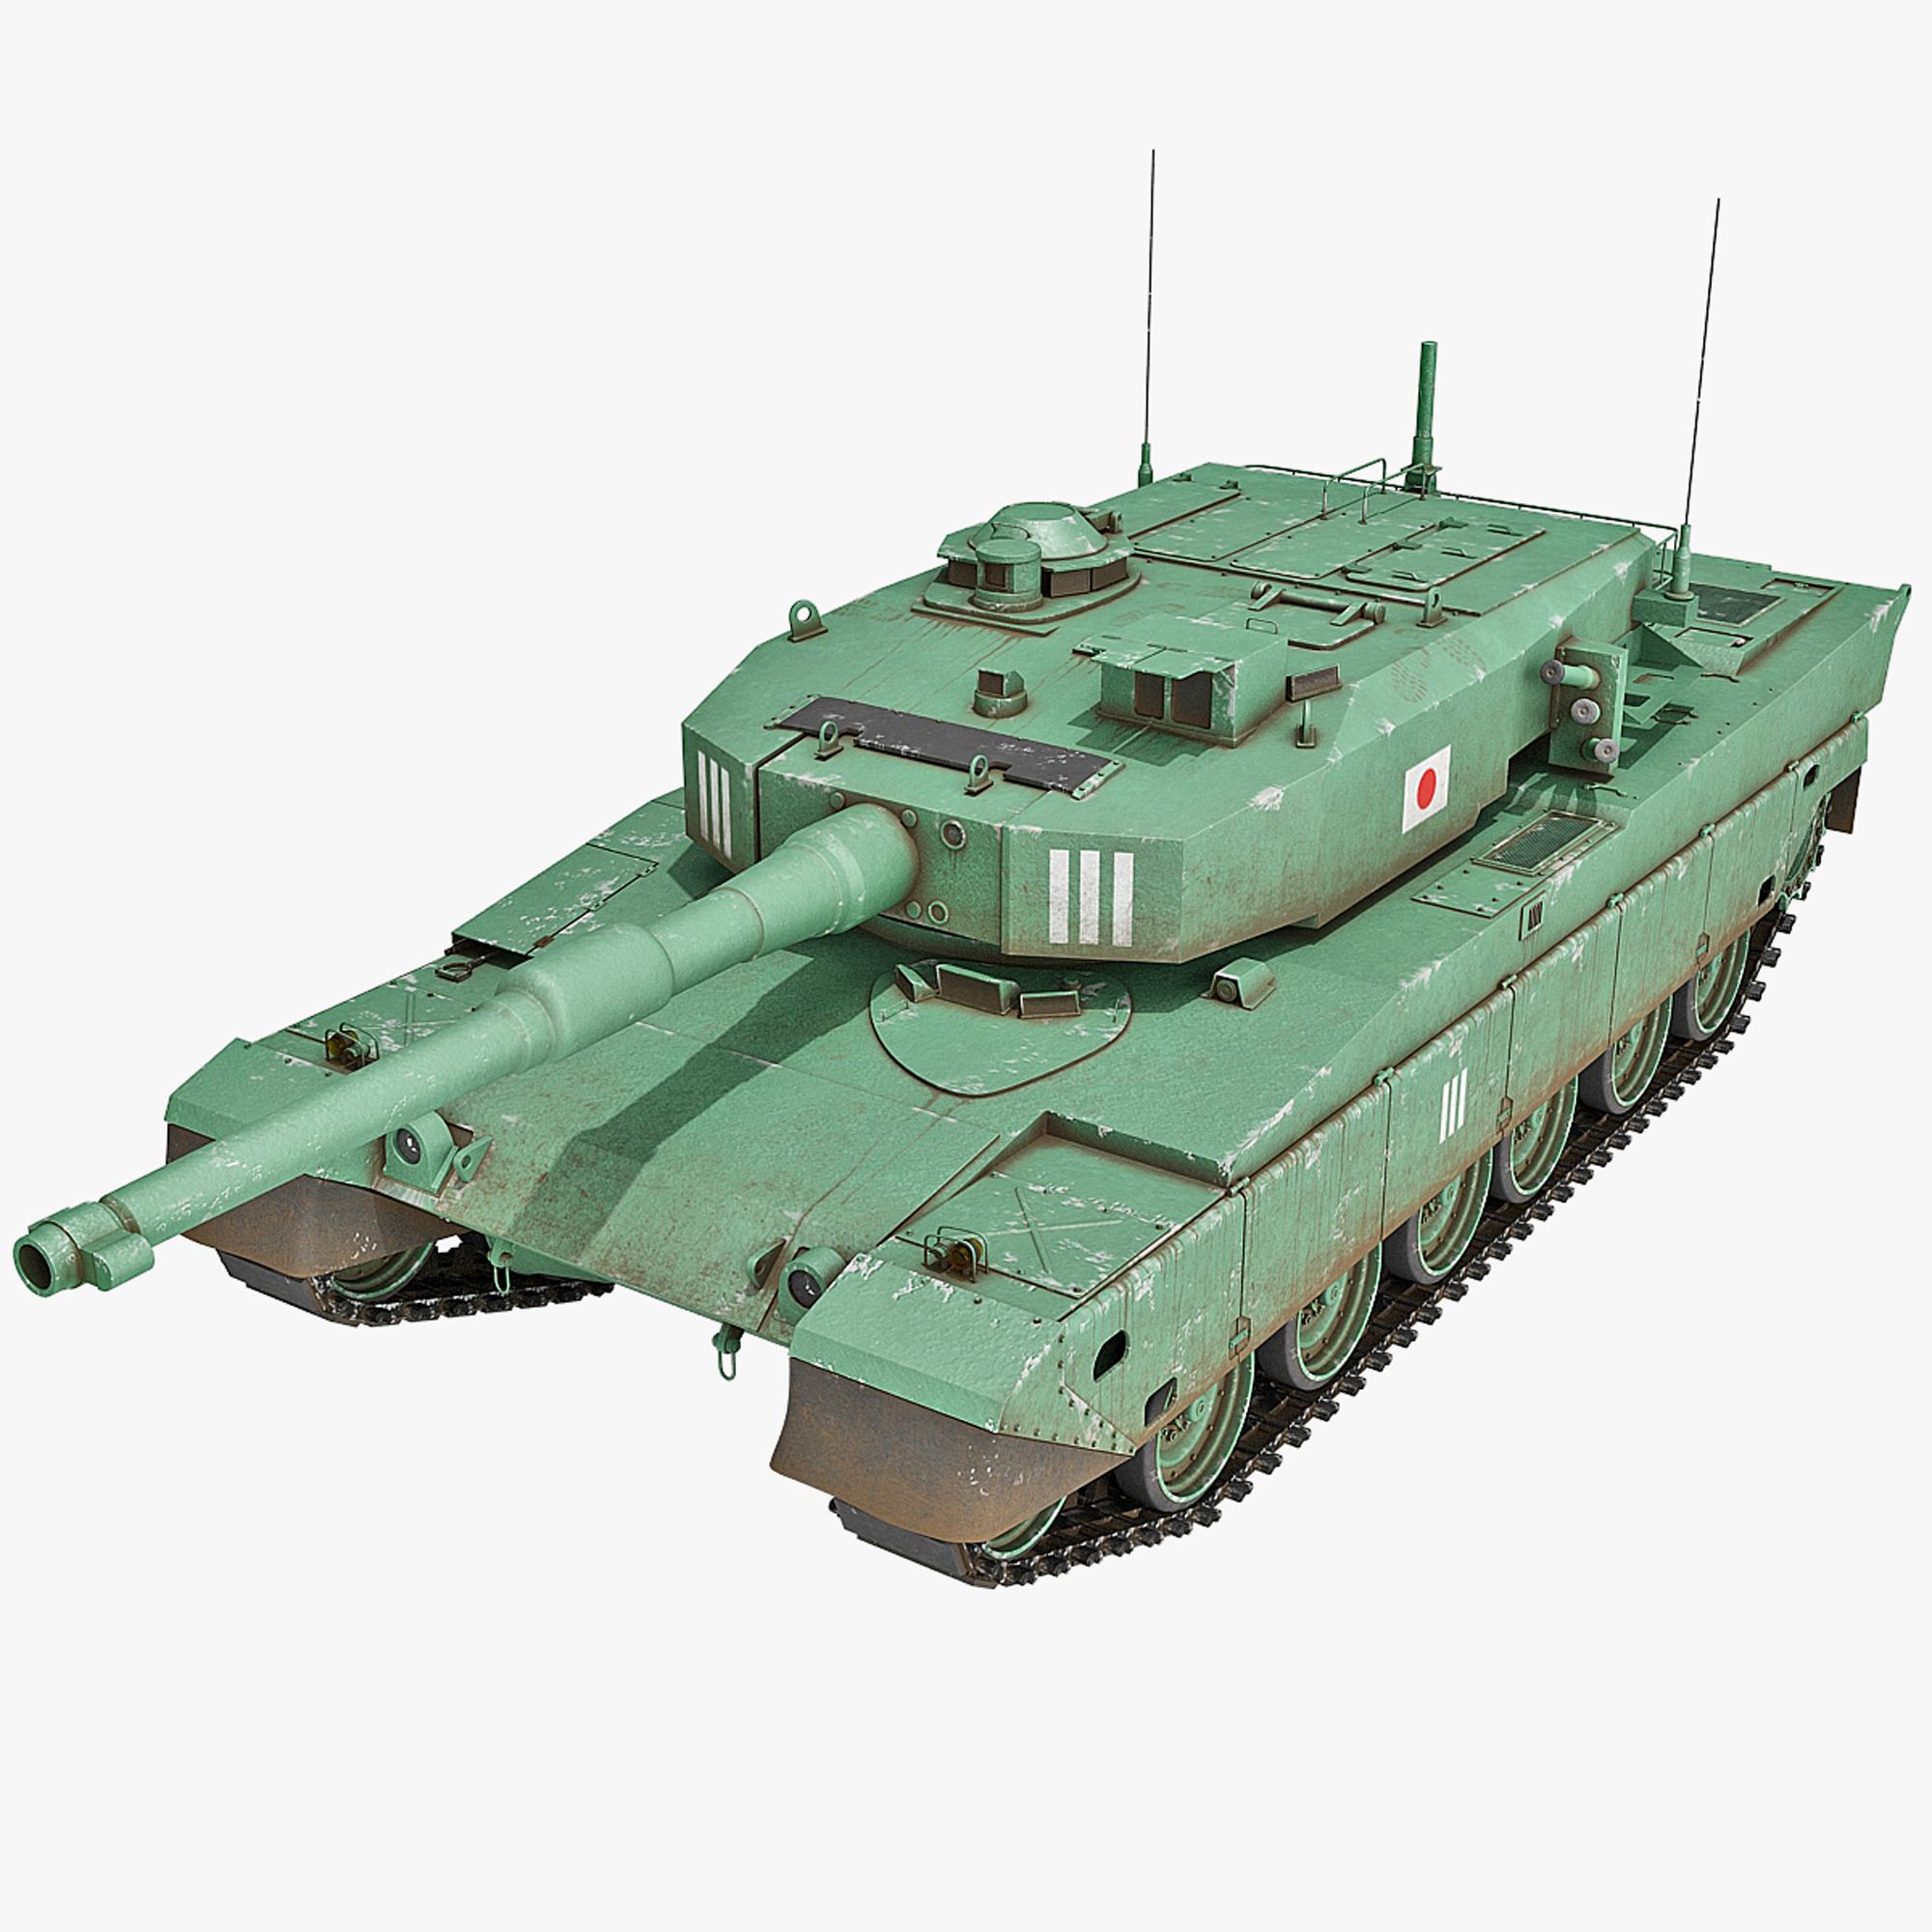 132971_Japan_Main_Battle_Tank_Type_90_v2_000.jpg